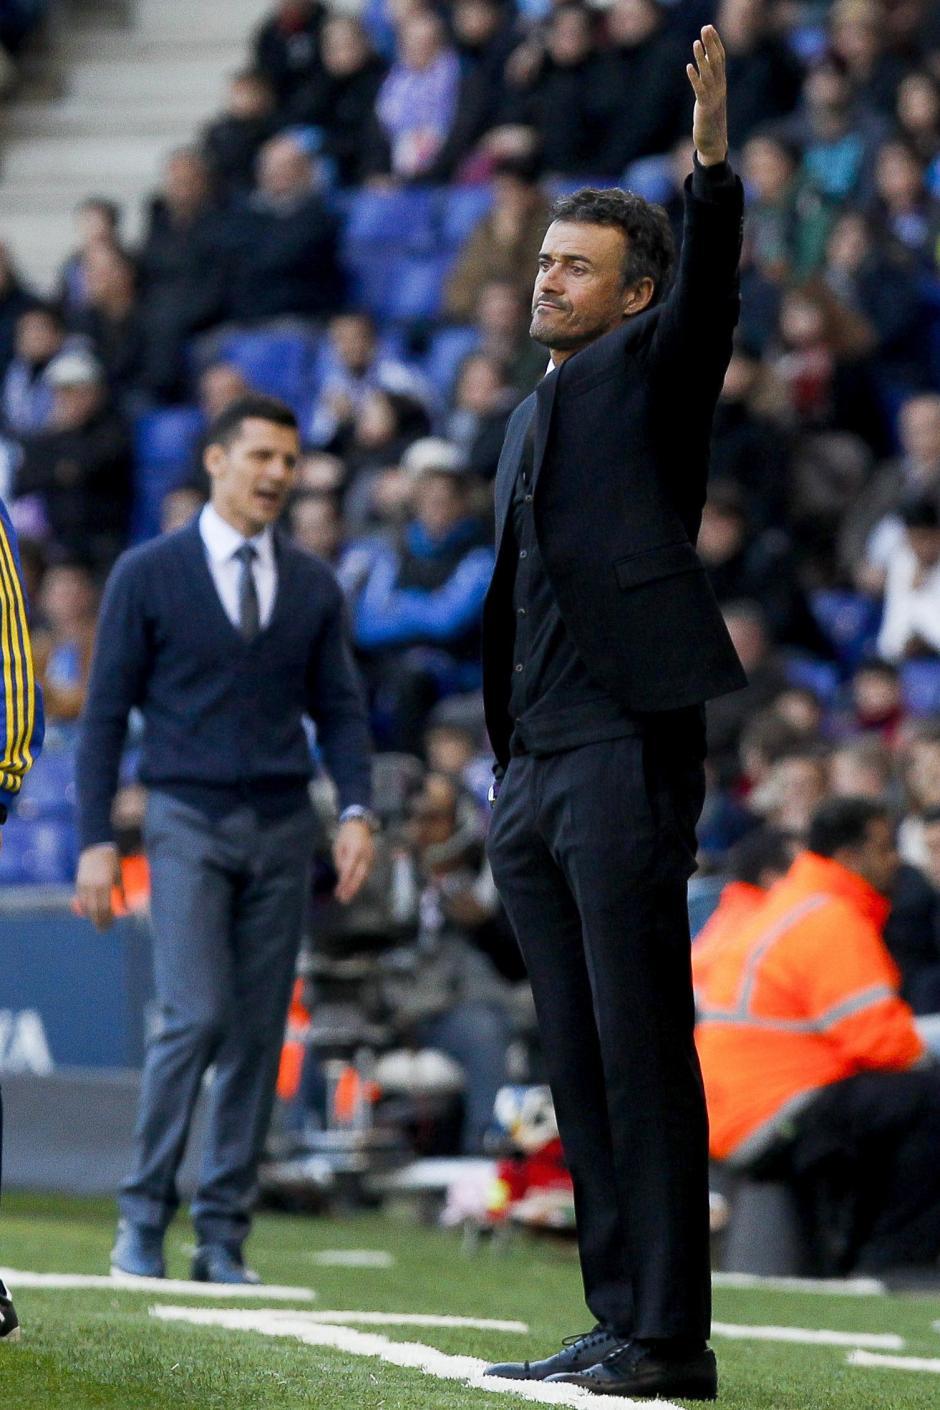 El entrenador del Barcelona, Luis Enrique Martínez, da instrucciones a sus jugadores en su partido ante el Espanyol. (Foto:EFE/ Quique García)